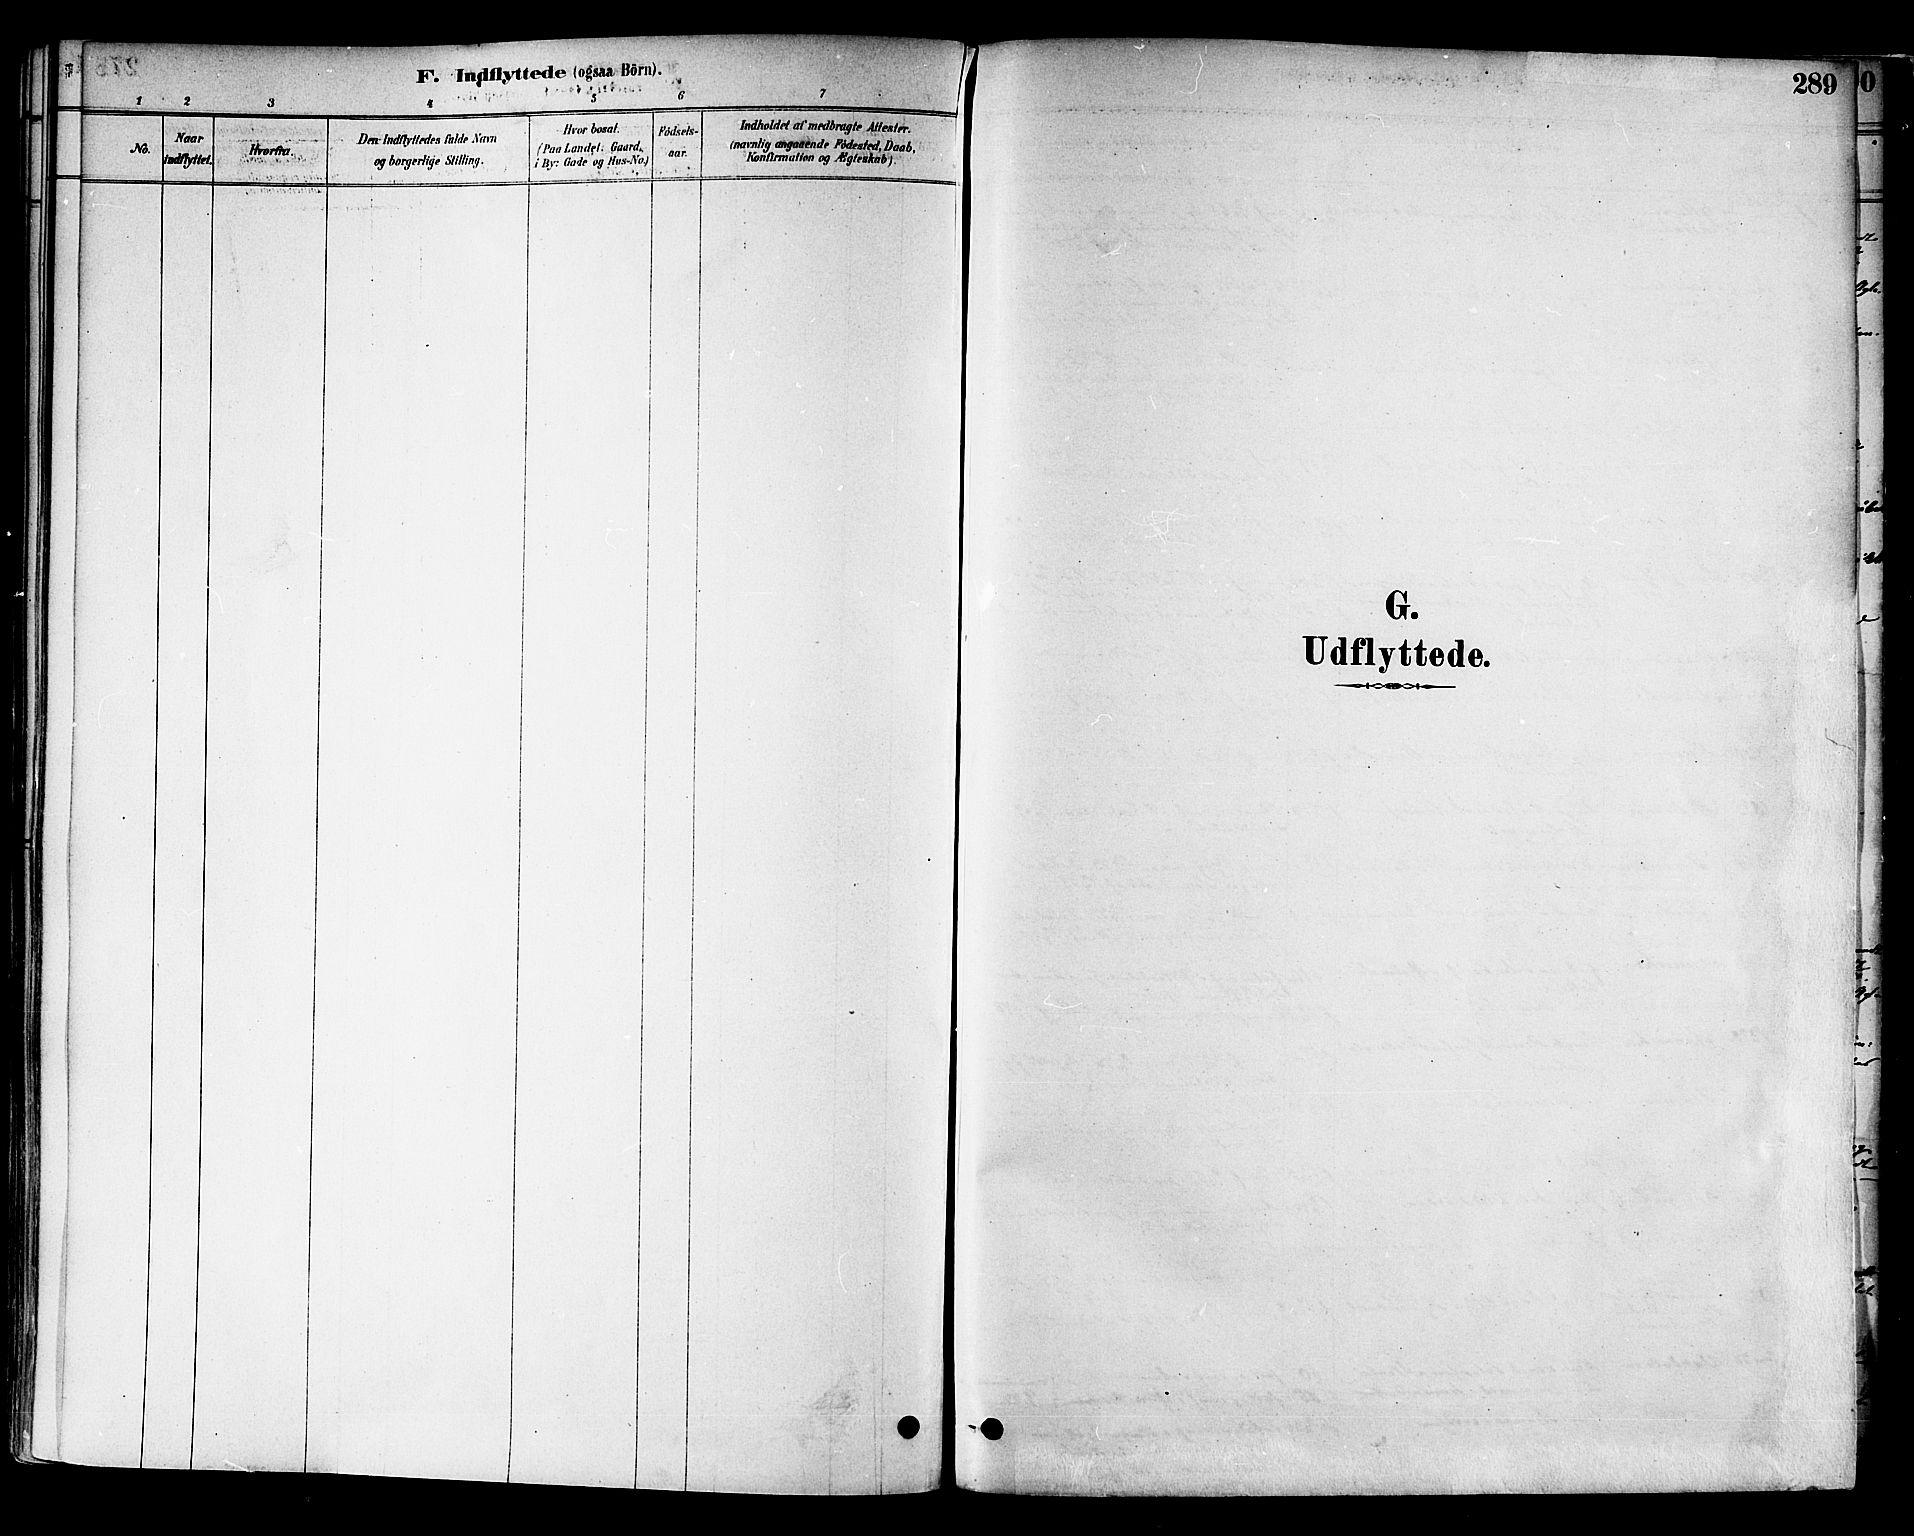 SAT, Ministerialprotokoller, klokkerbøker og fødselsregistre - Nord-Trøndelag, 717/L0159: Ministerialbok nr. 717A09, 1878-1898, s. 289